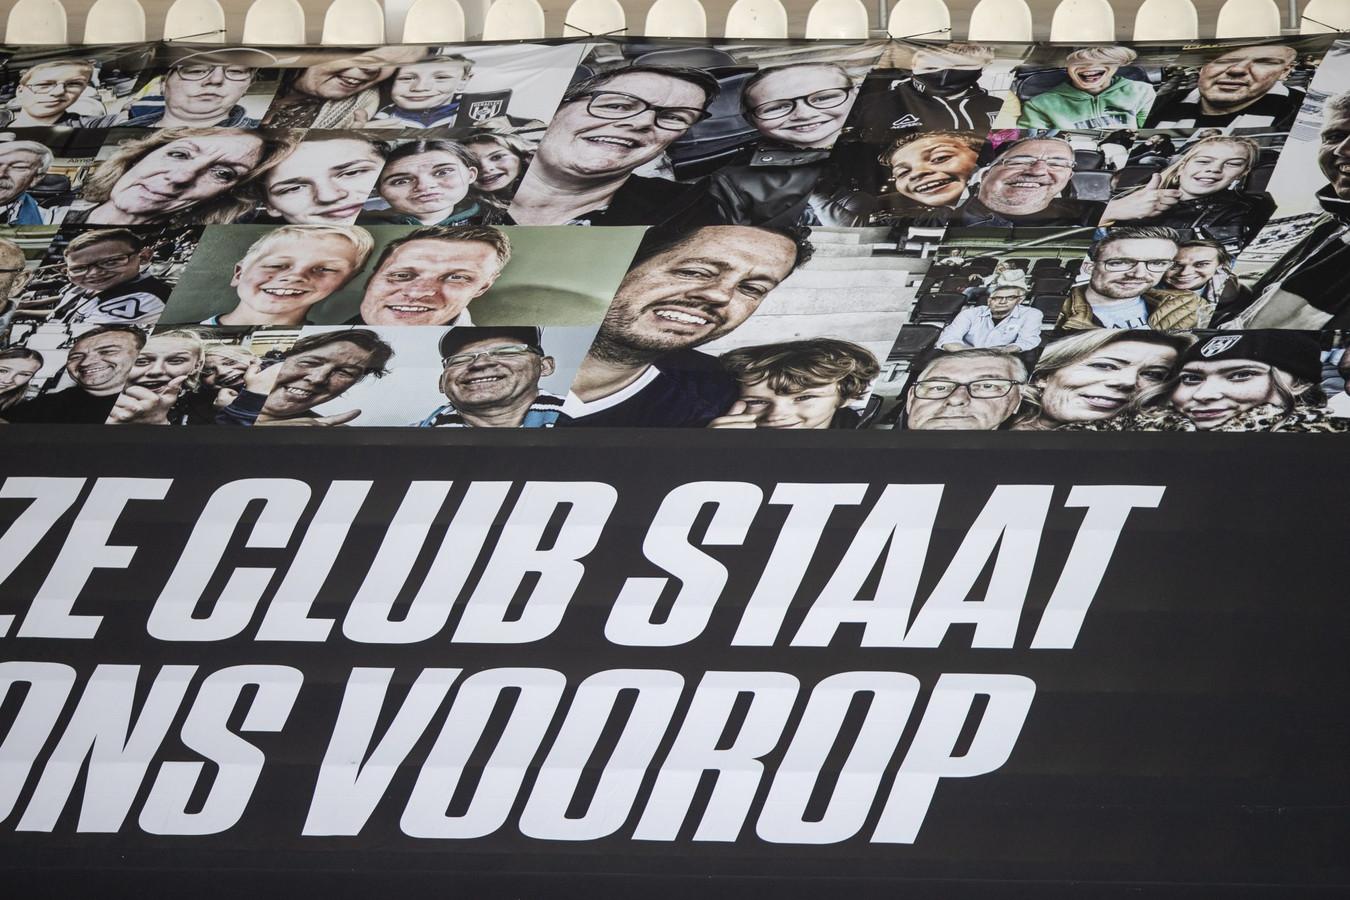 Supporters van Heracles Almelo kunnen een afbeelding van hun eigen gezicht ophalen, mits die op een van de spandoeken stond.